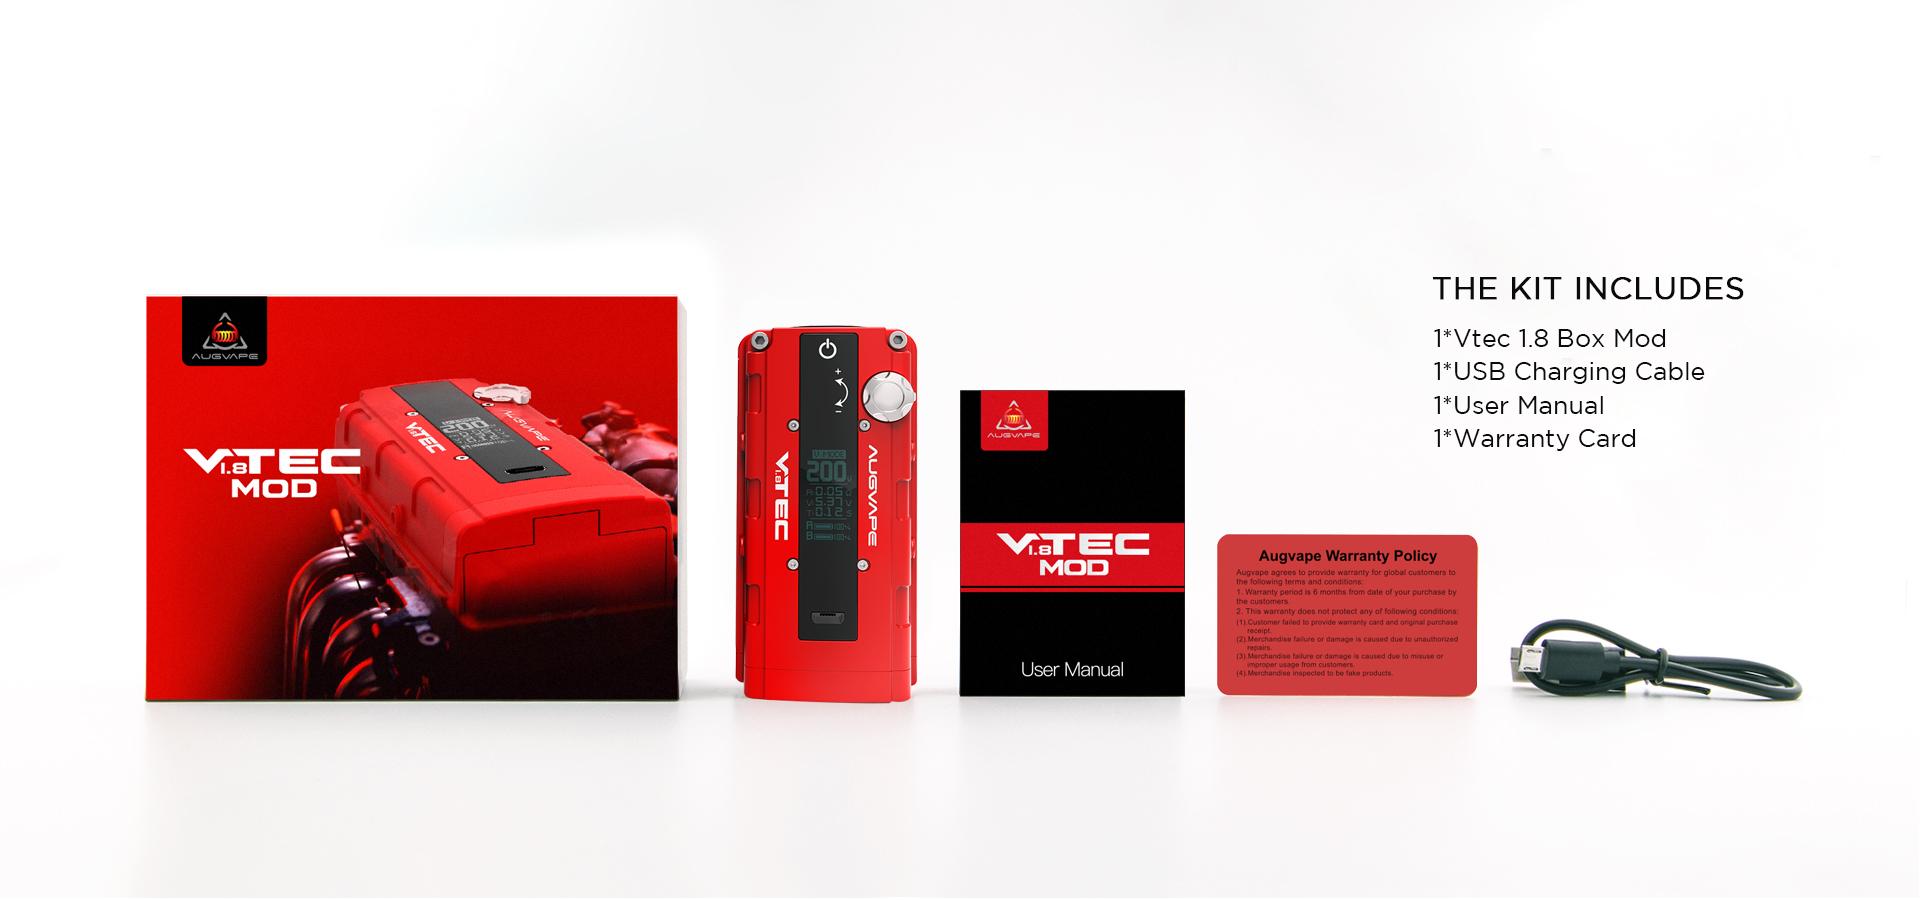 VTECI.8 BOX MOD